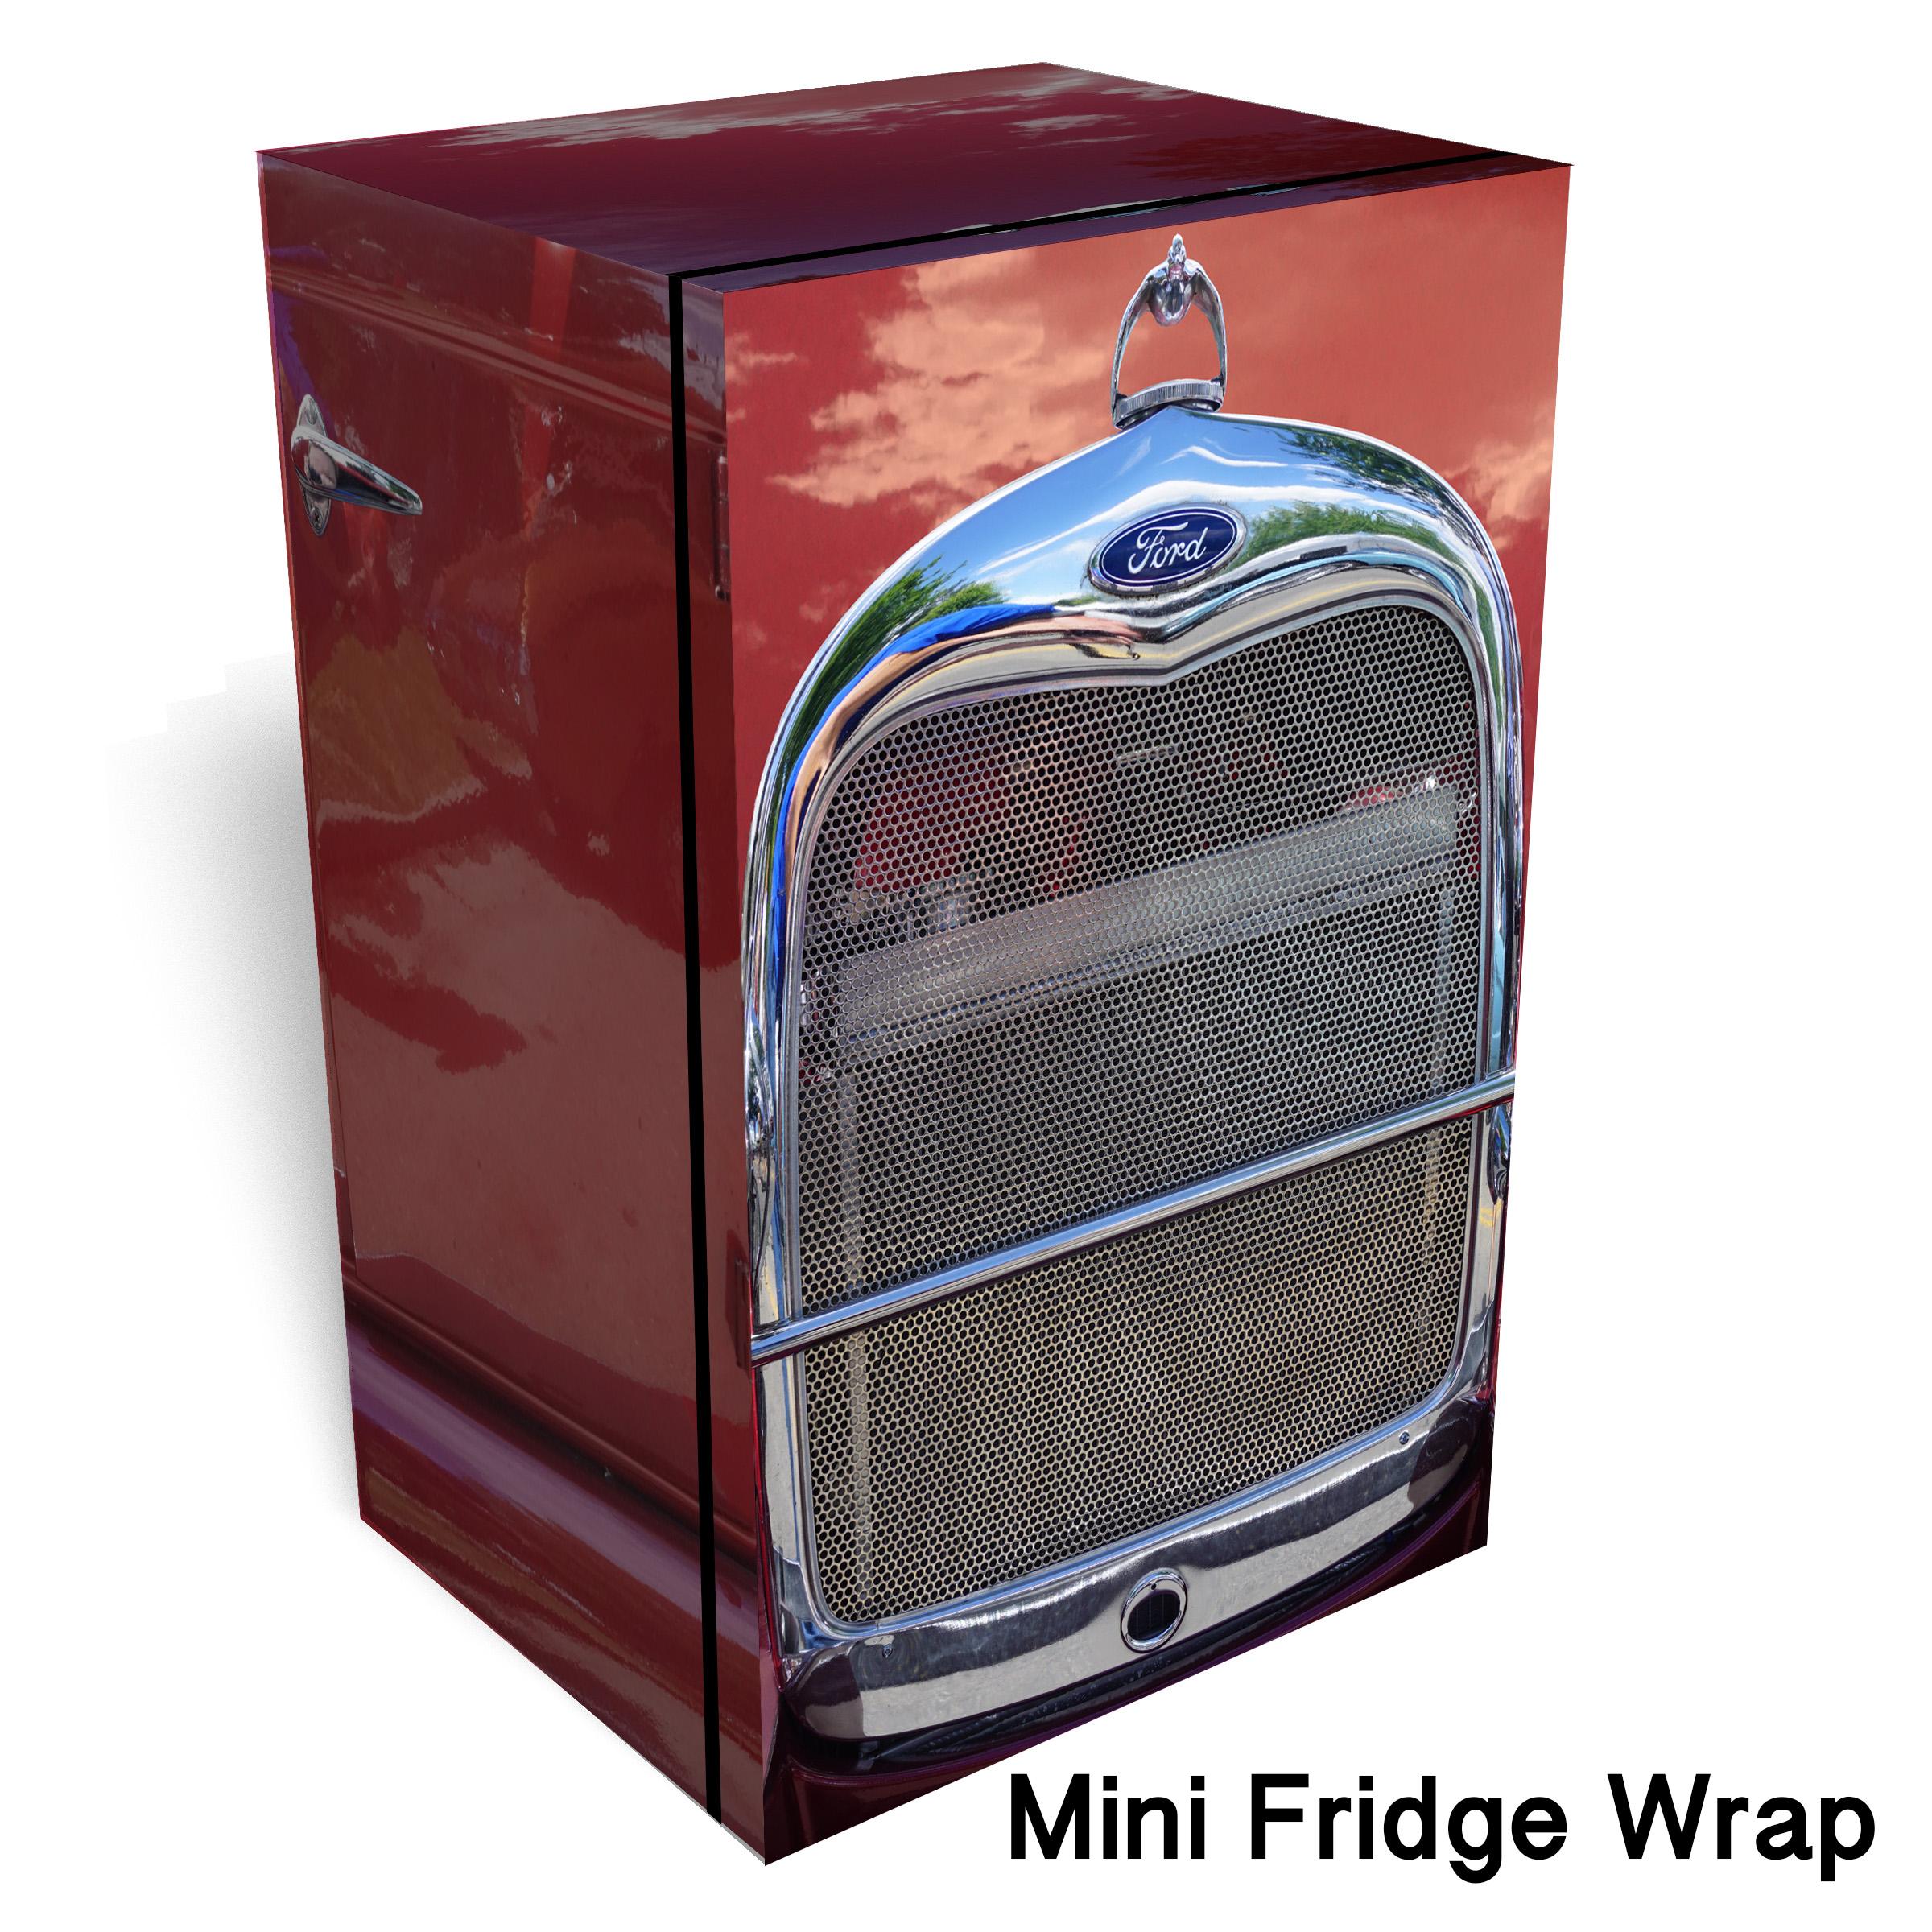 Hot Rod Red Chrome Mini Fridge Wrap